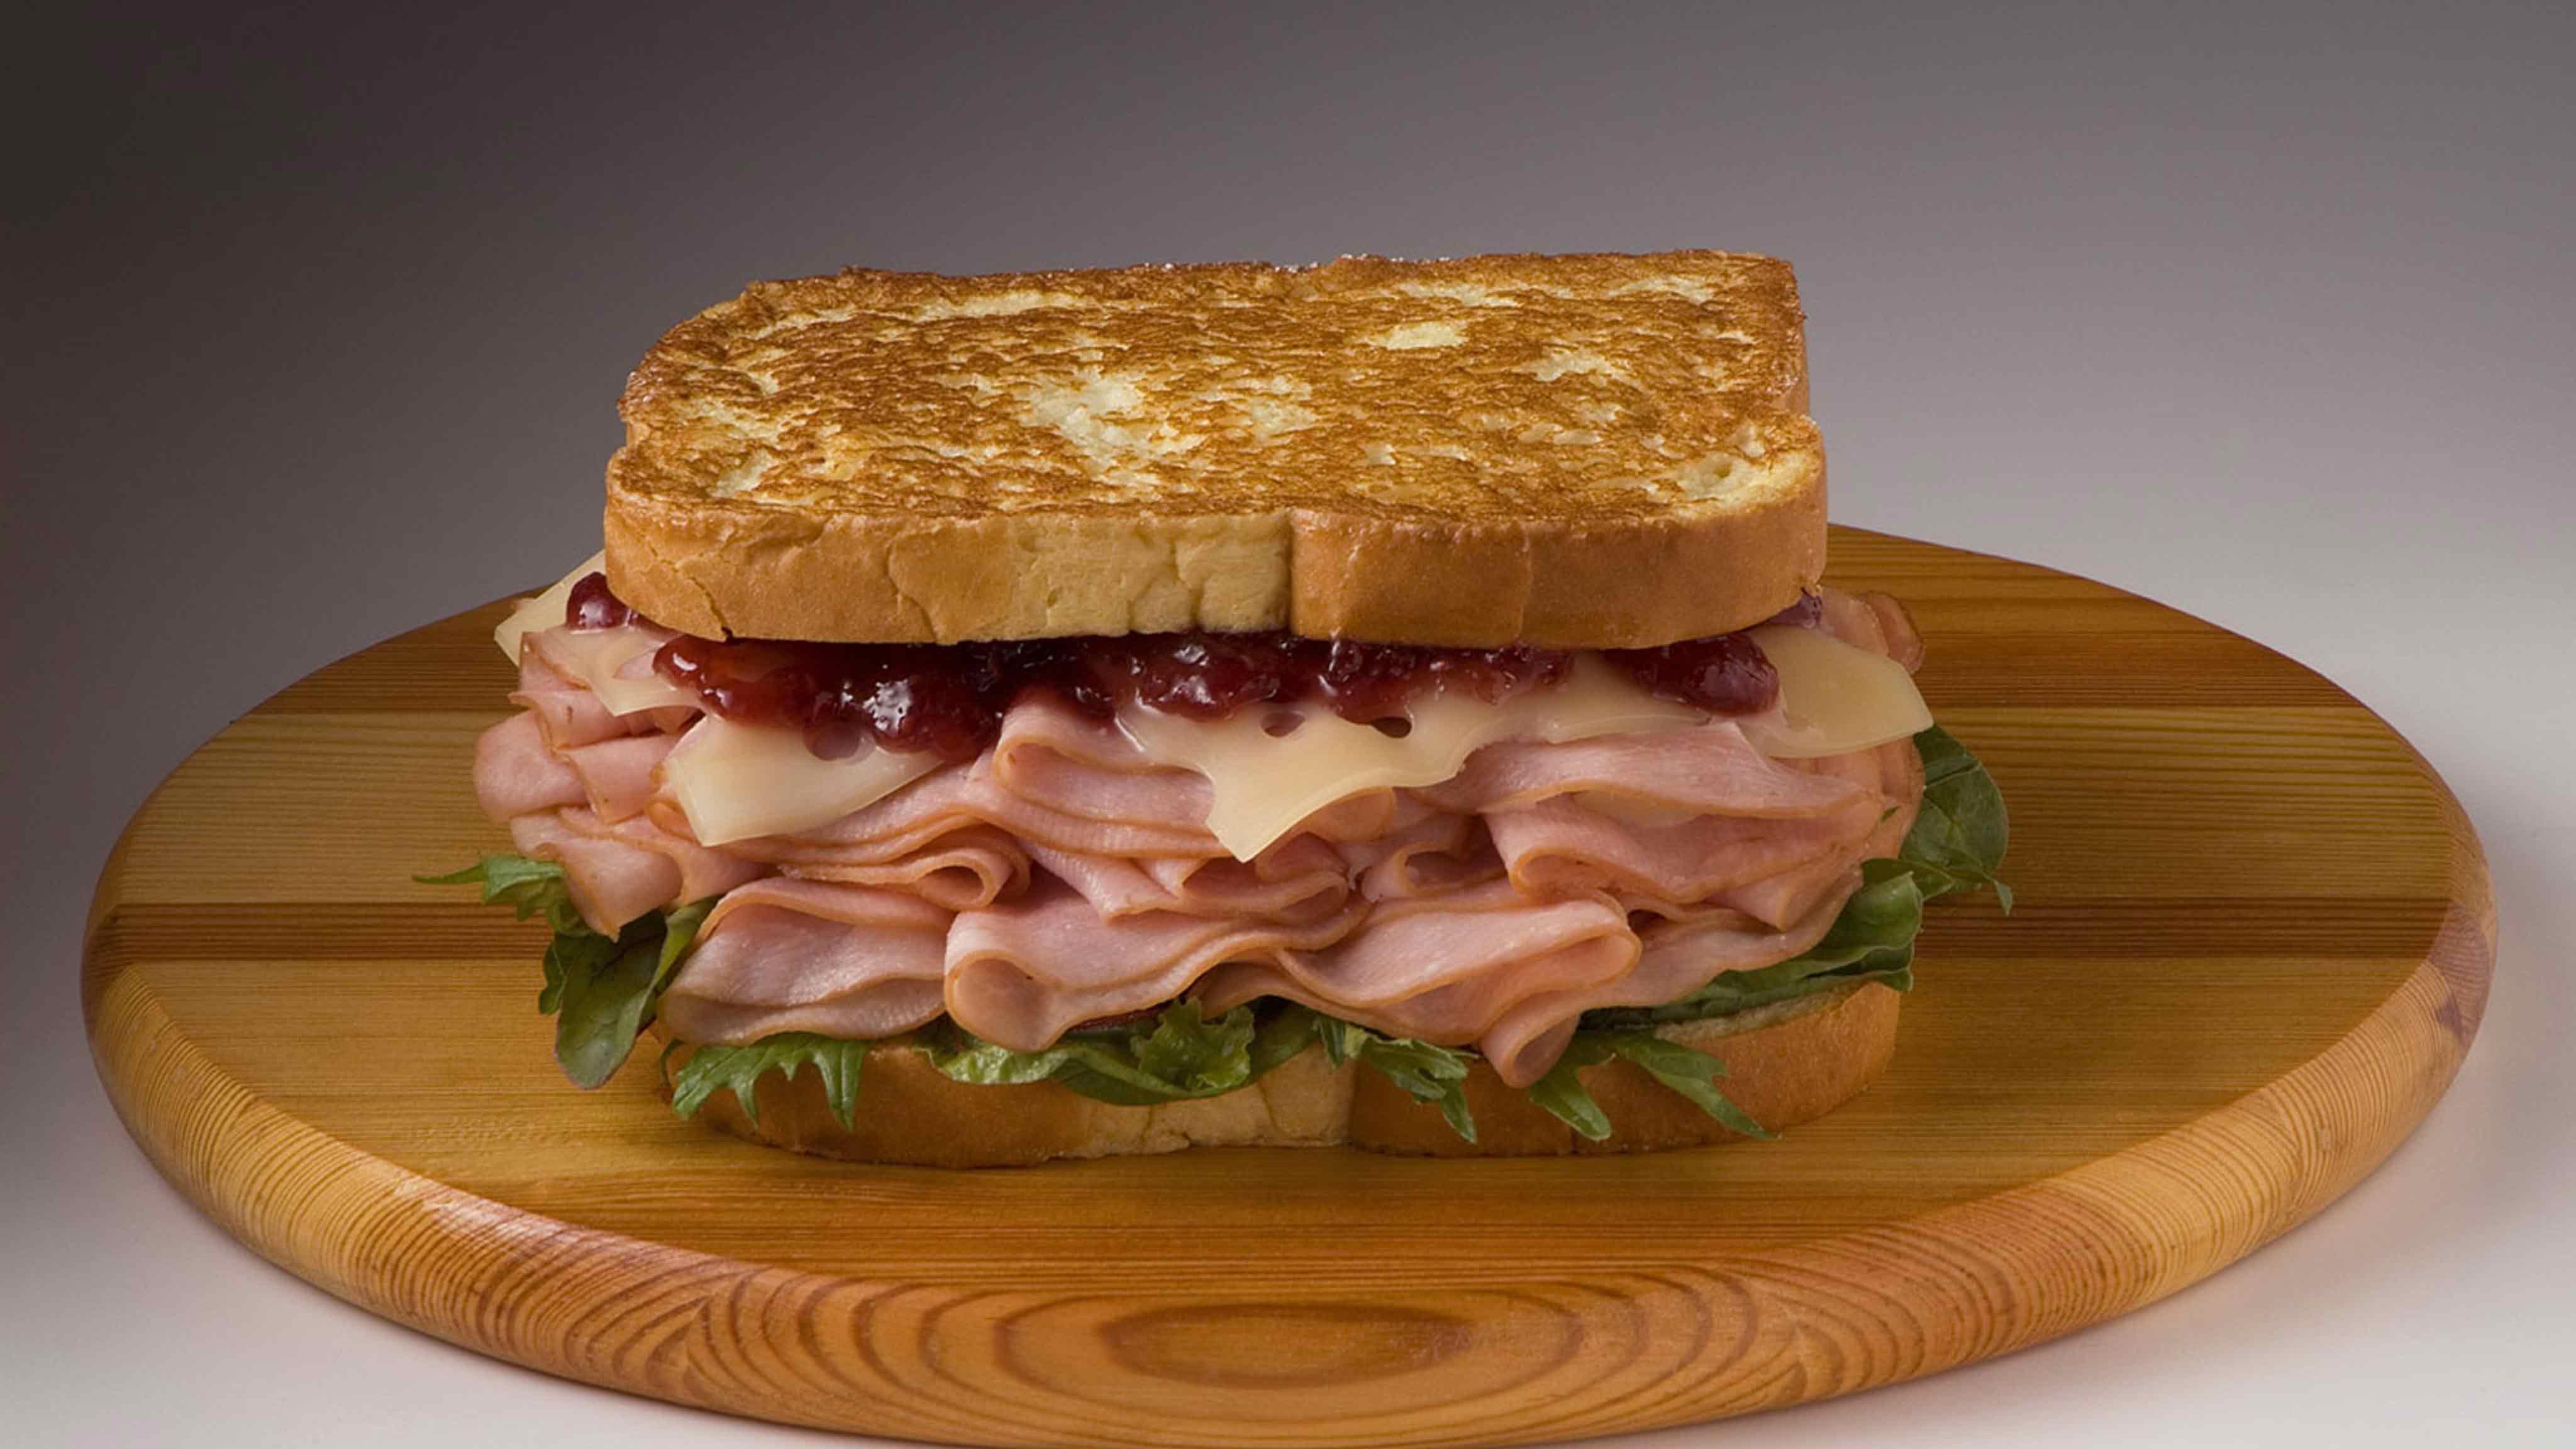 Image for Recipe Light Style Monte Cristo Sandwich